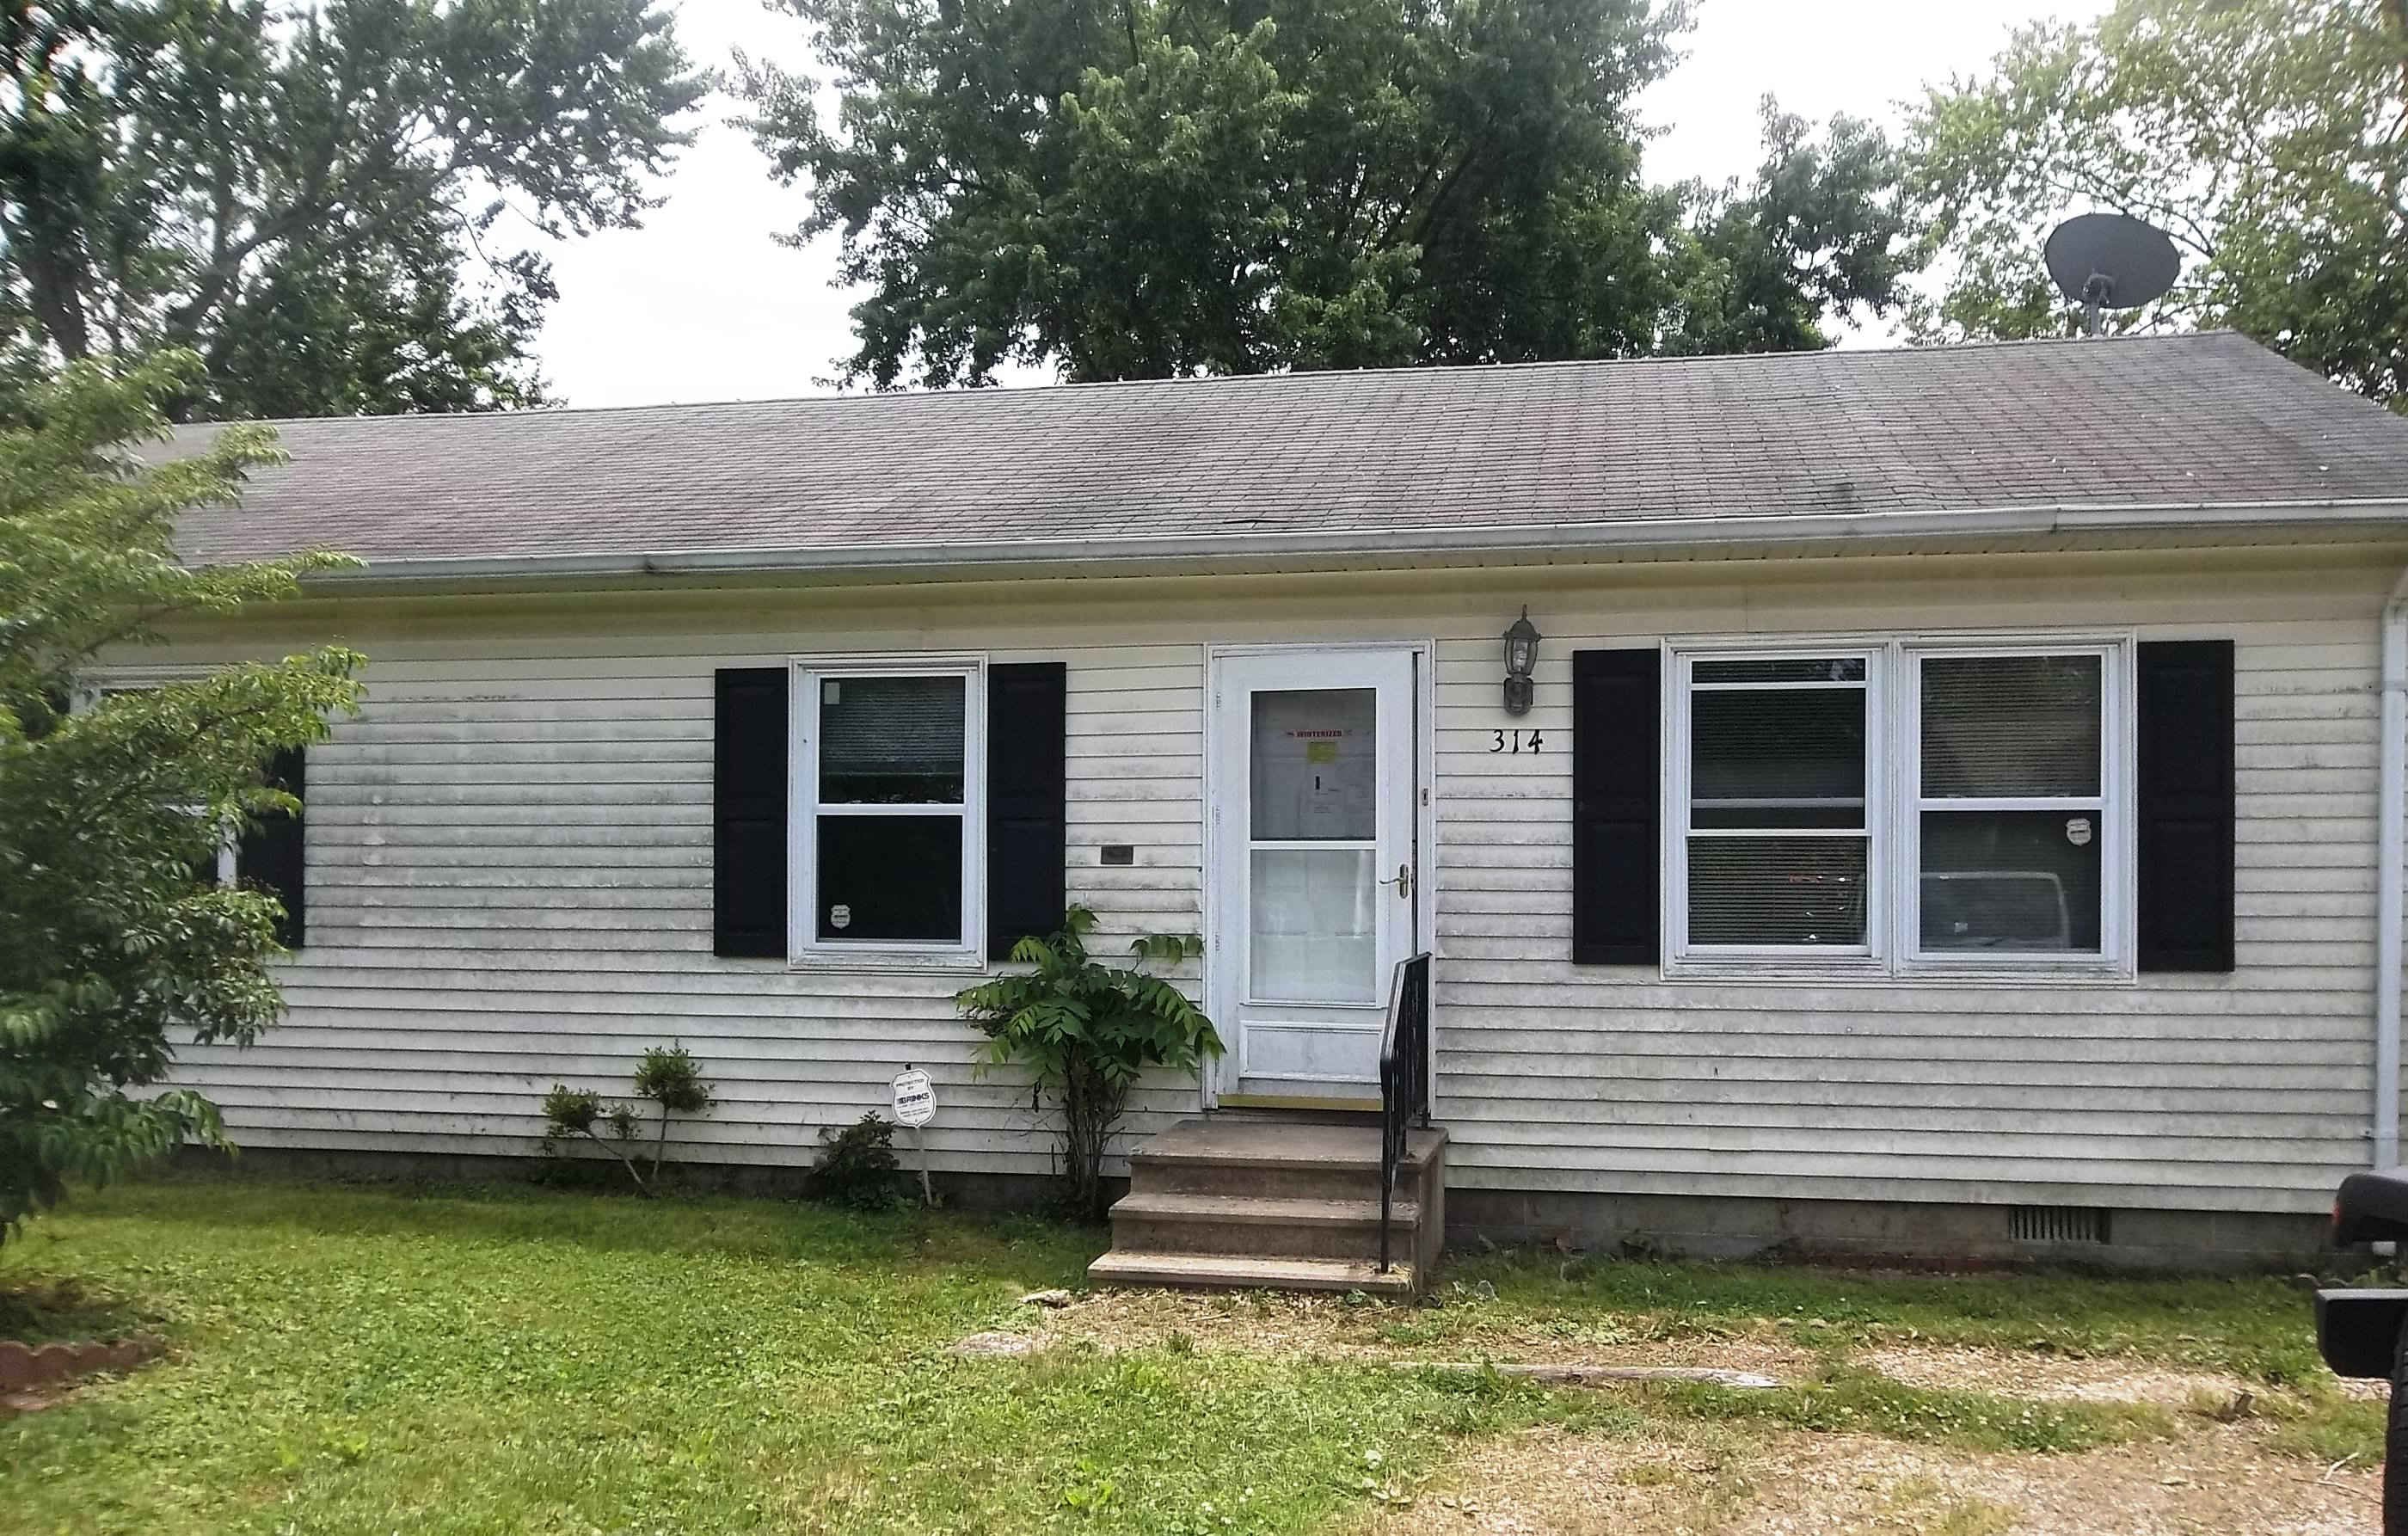 314 Moss St, Chesapeake City, MD 21915